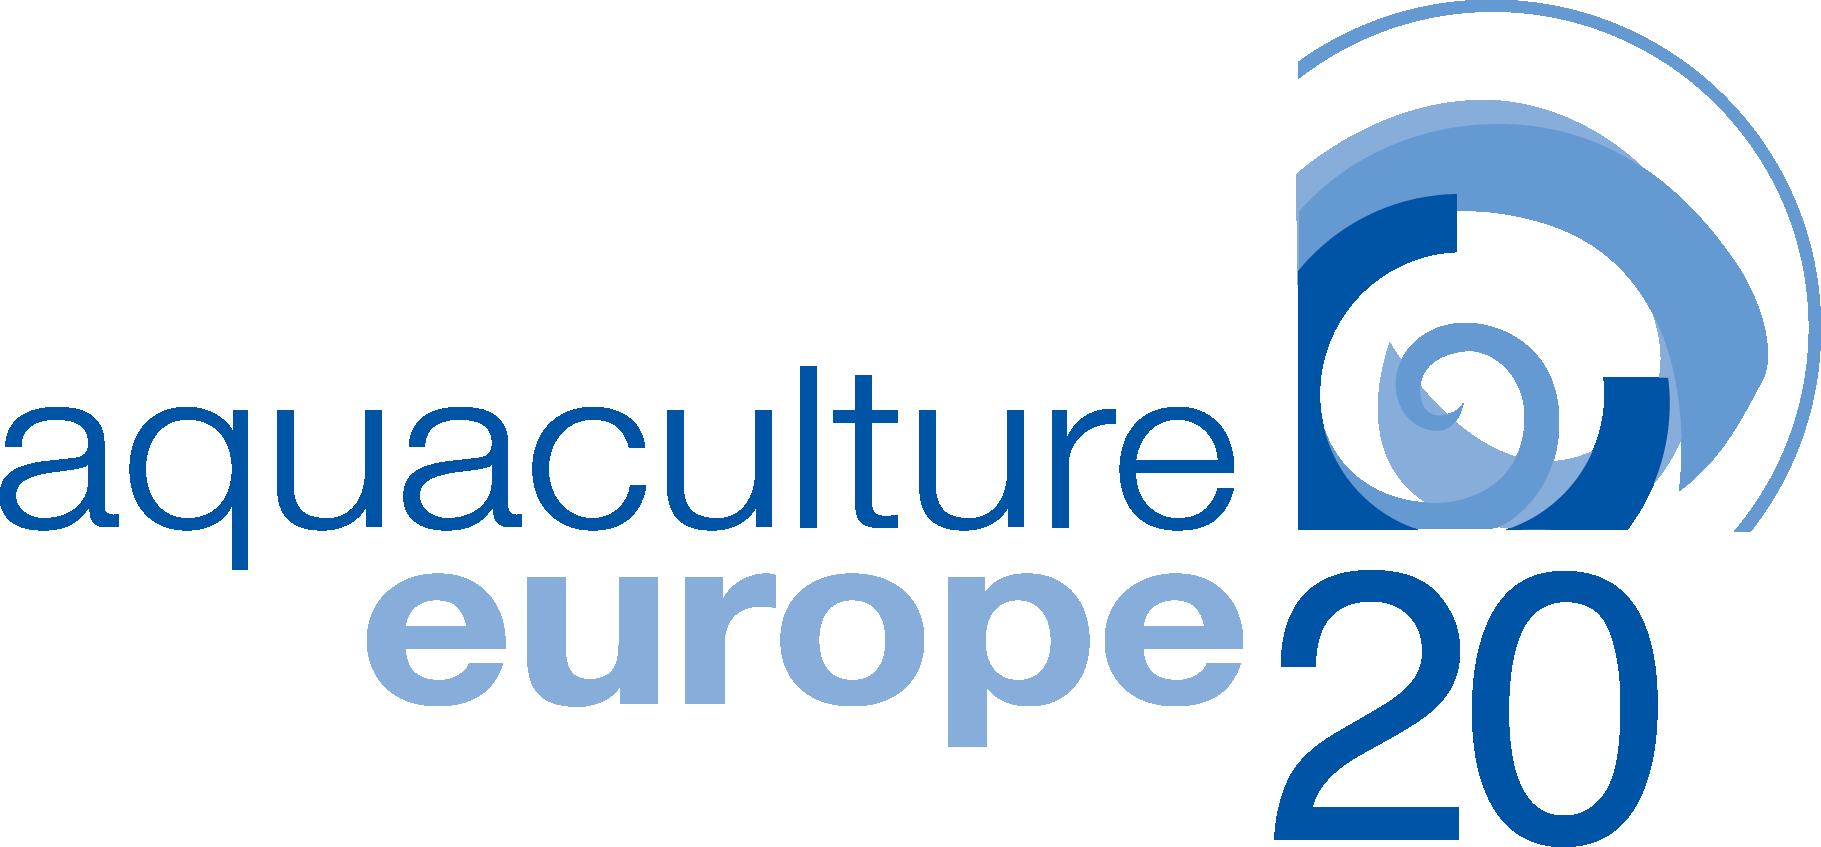 aquaeurope20